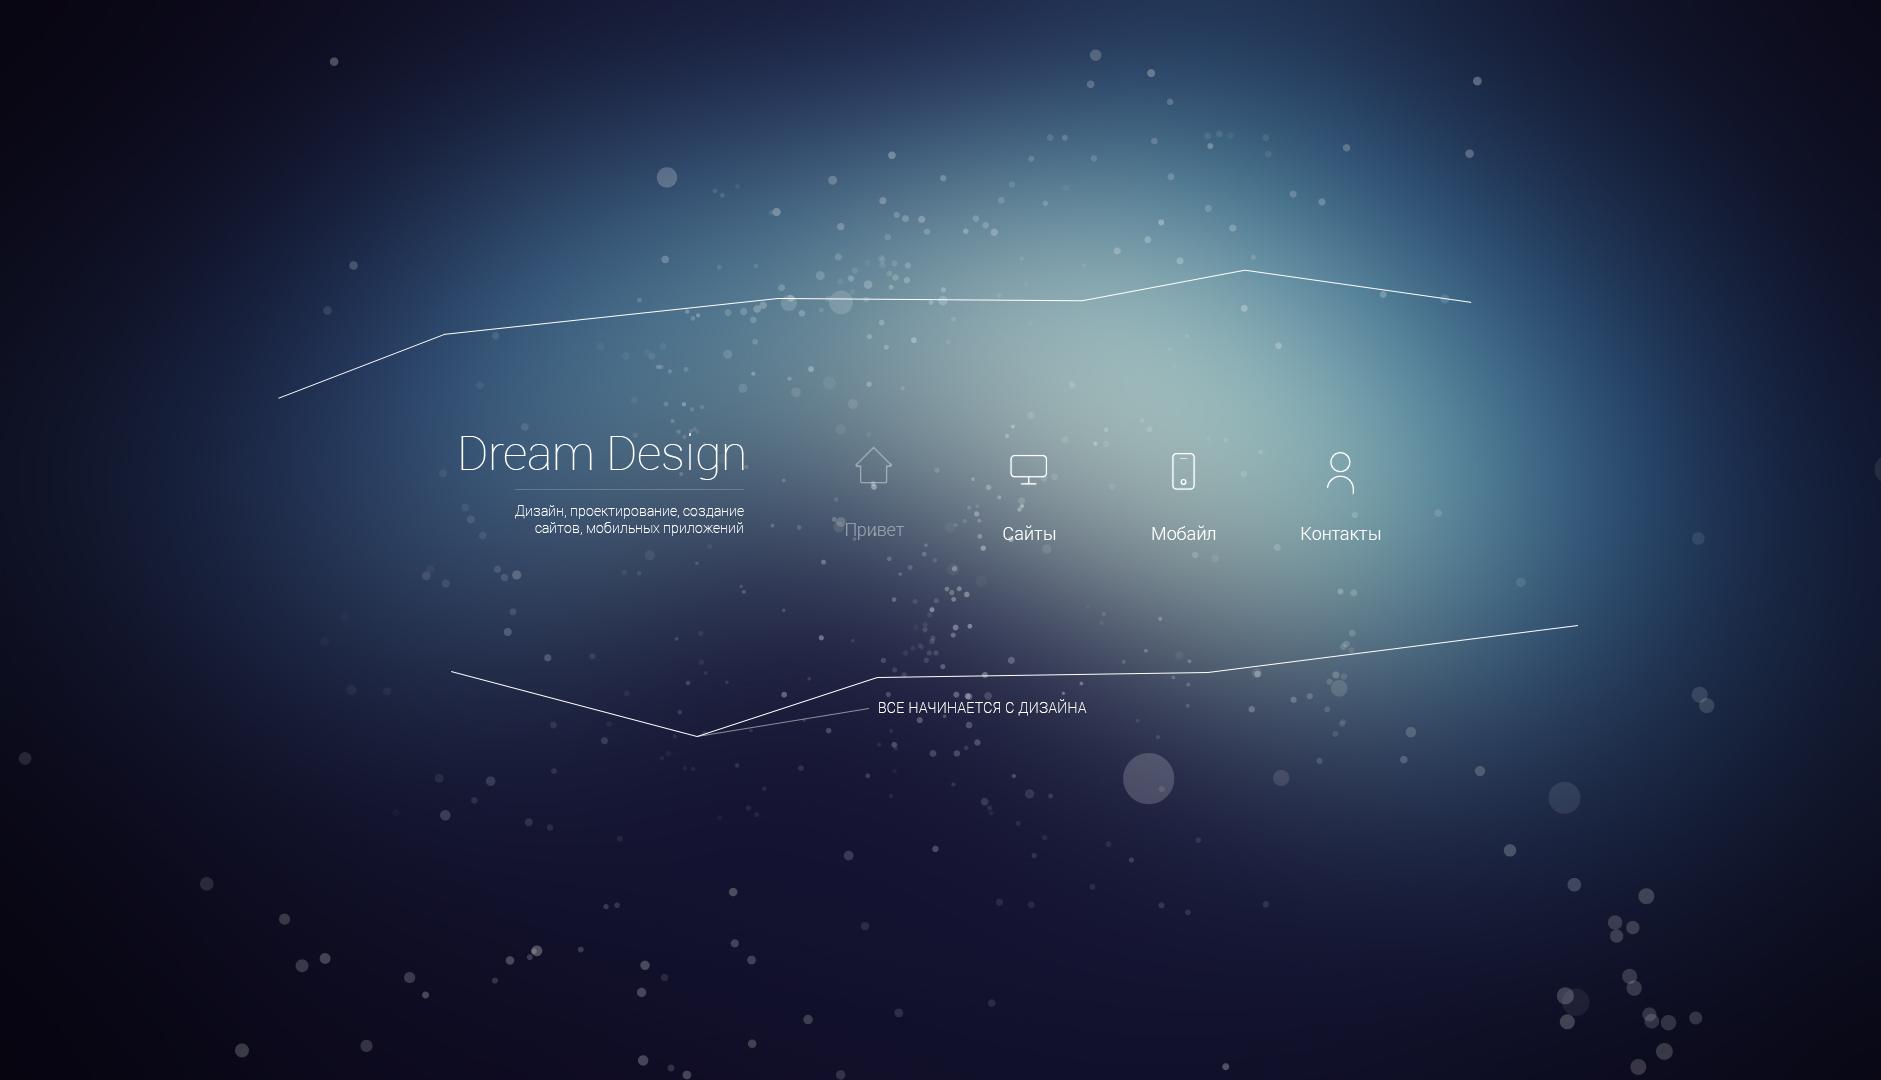 alivedream.ru - все начинается с дизайна